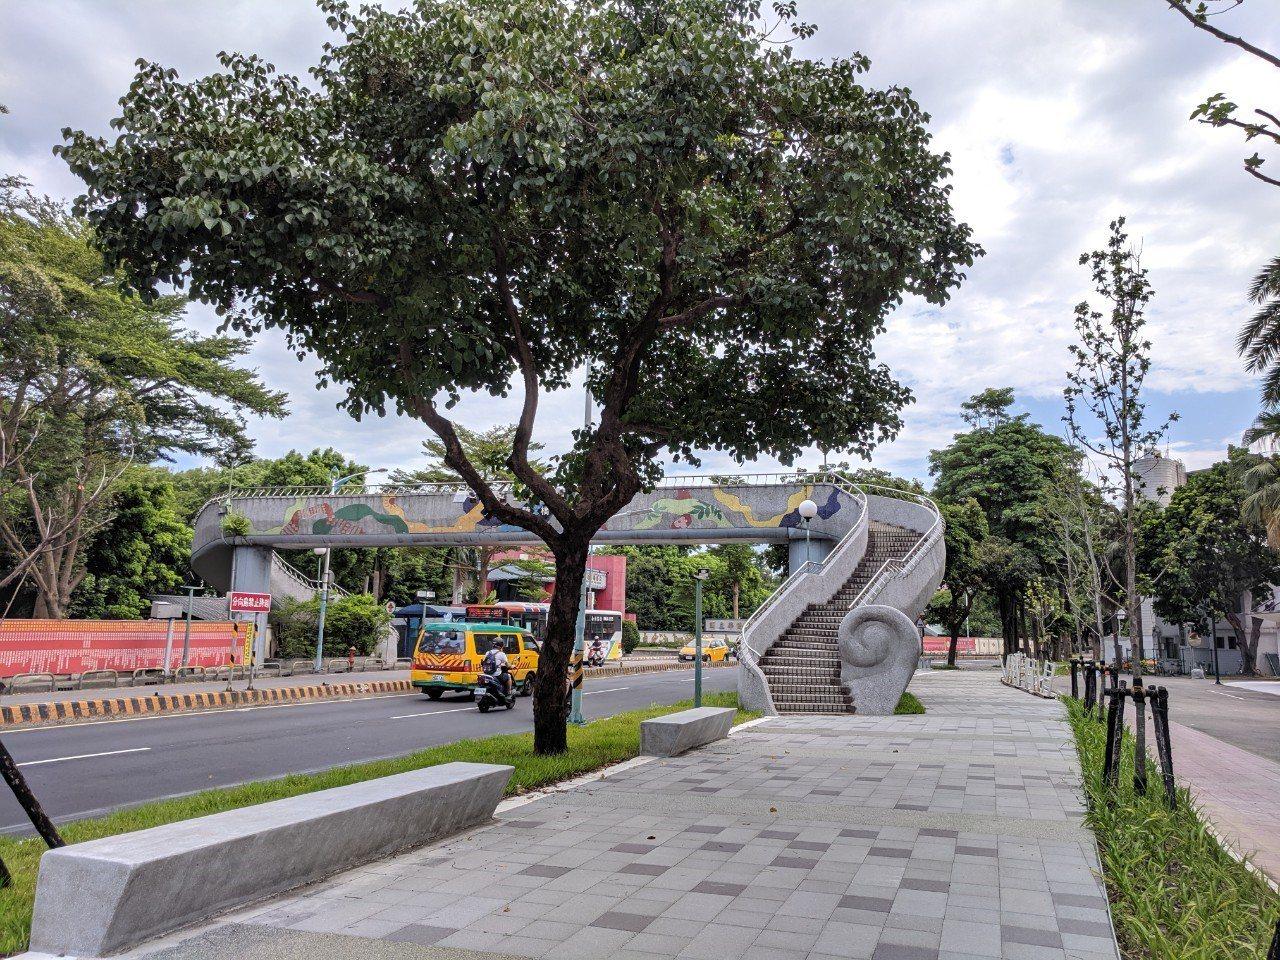 城鄉局表示,8月17日起開放全區人行步道,民眾走在大觀路上不再與車爭道,大幅改善...